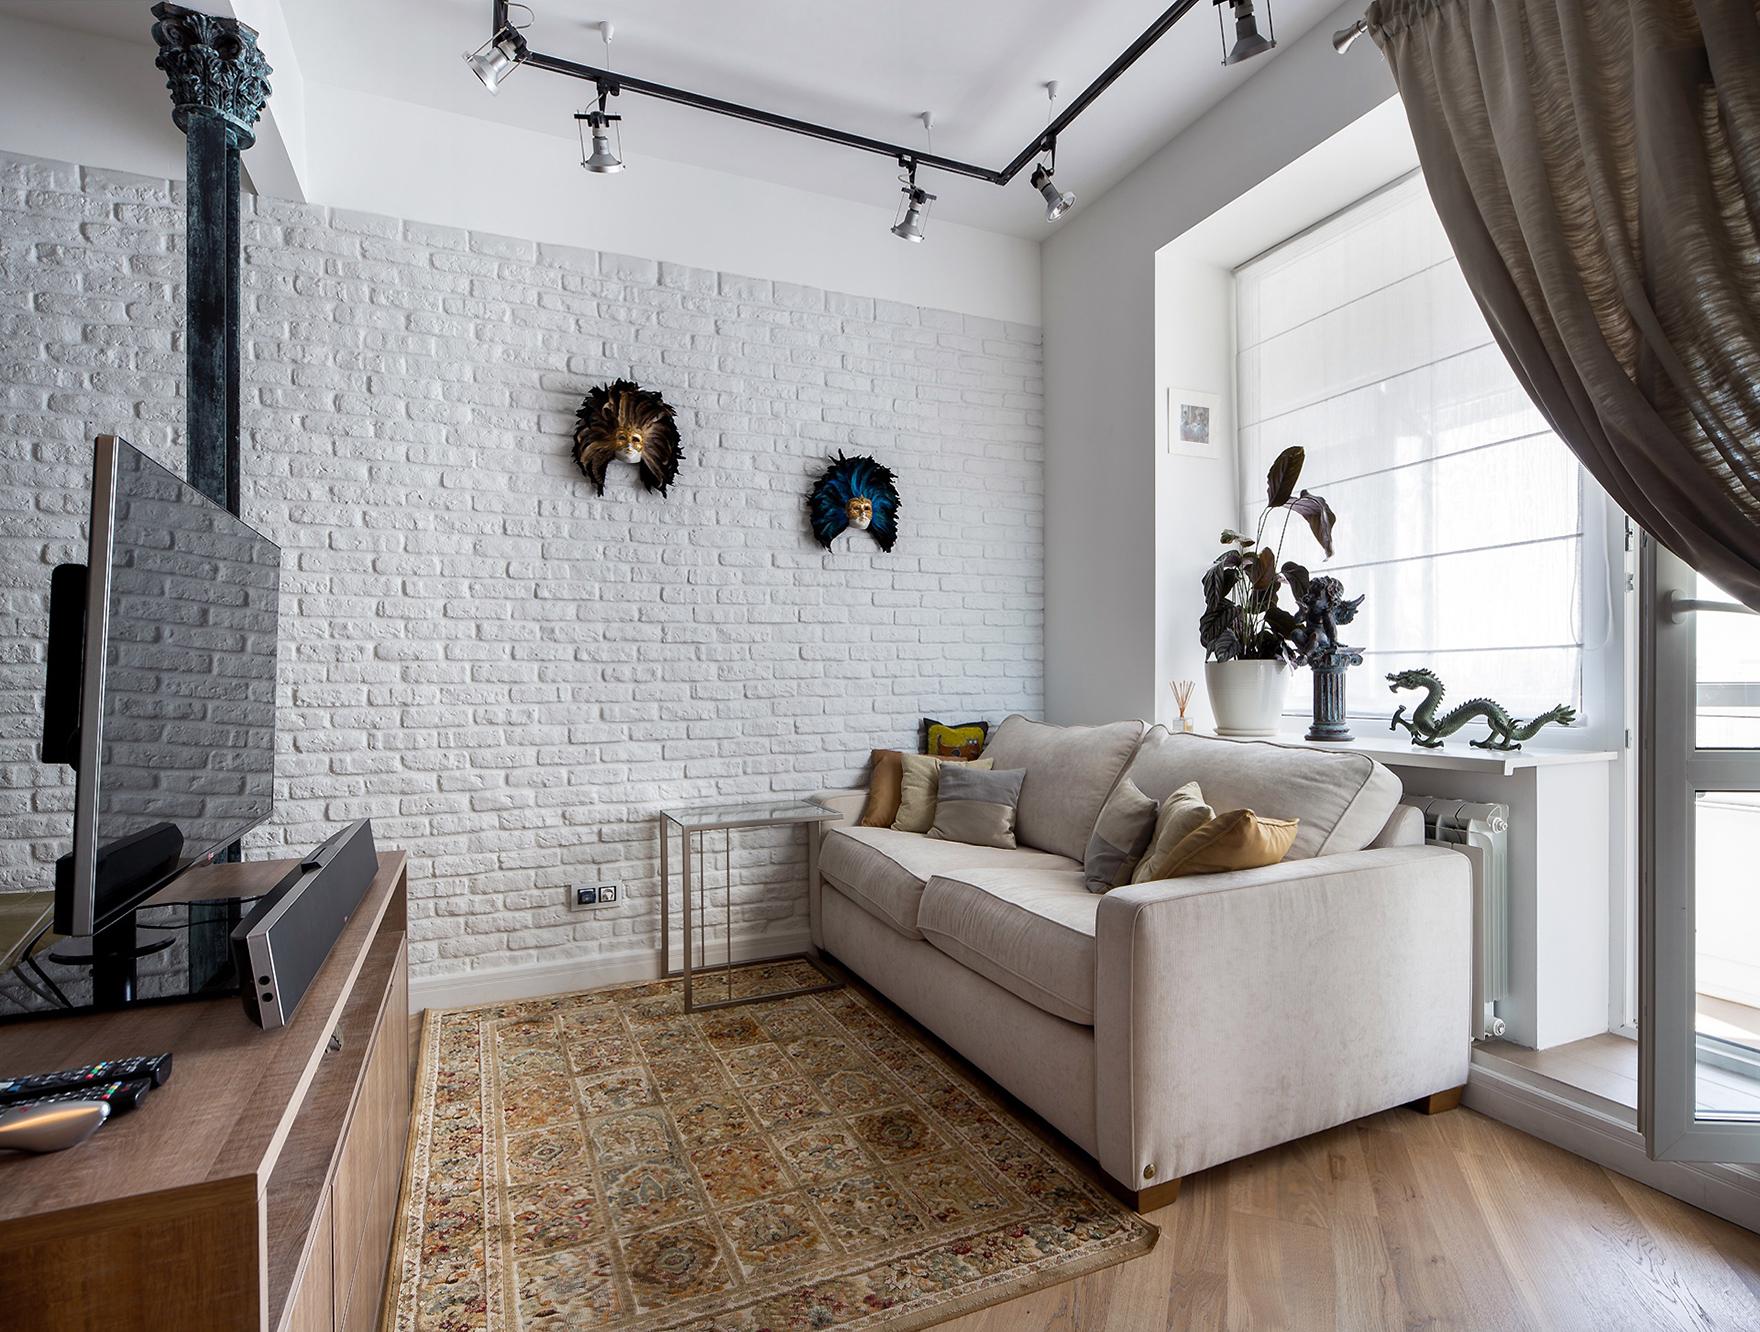 Квартира «Мечта в стиле Лофт», гостиная, фото из проекта